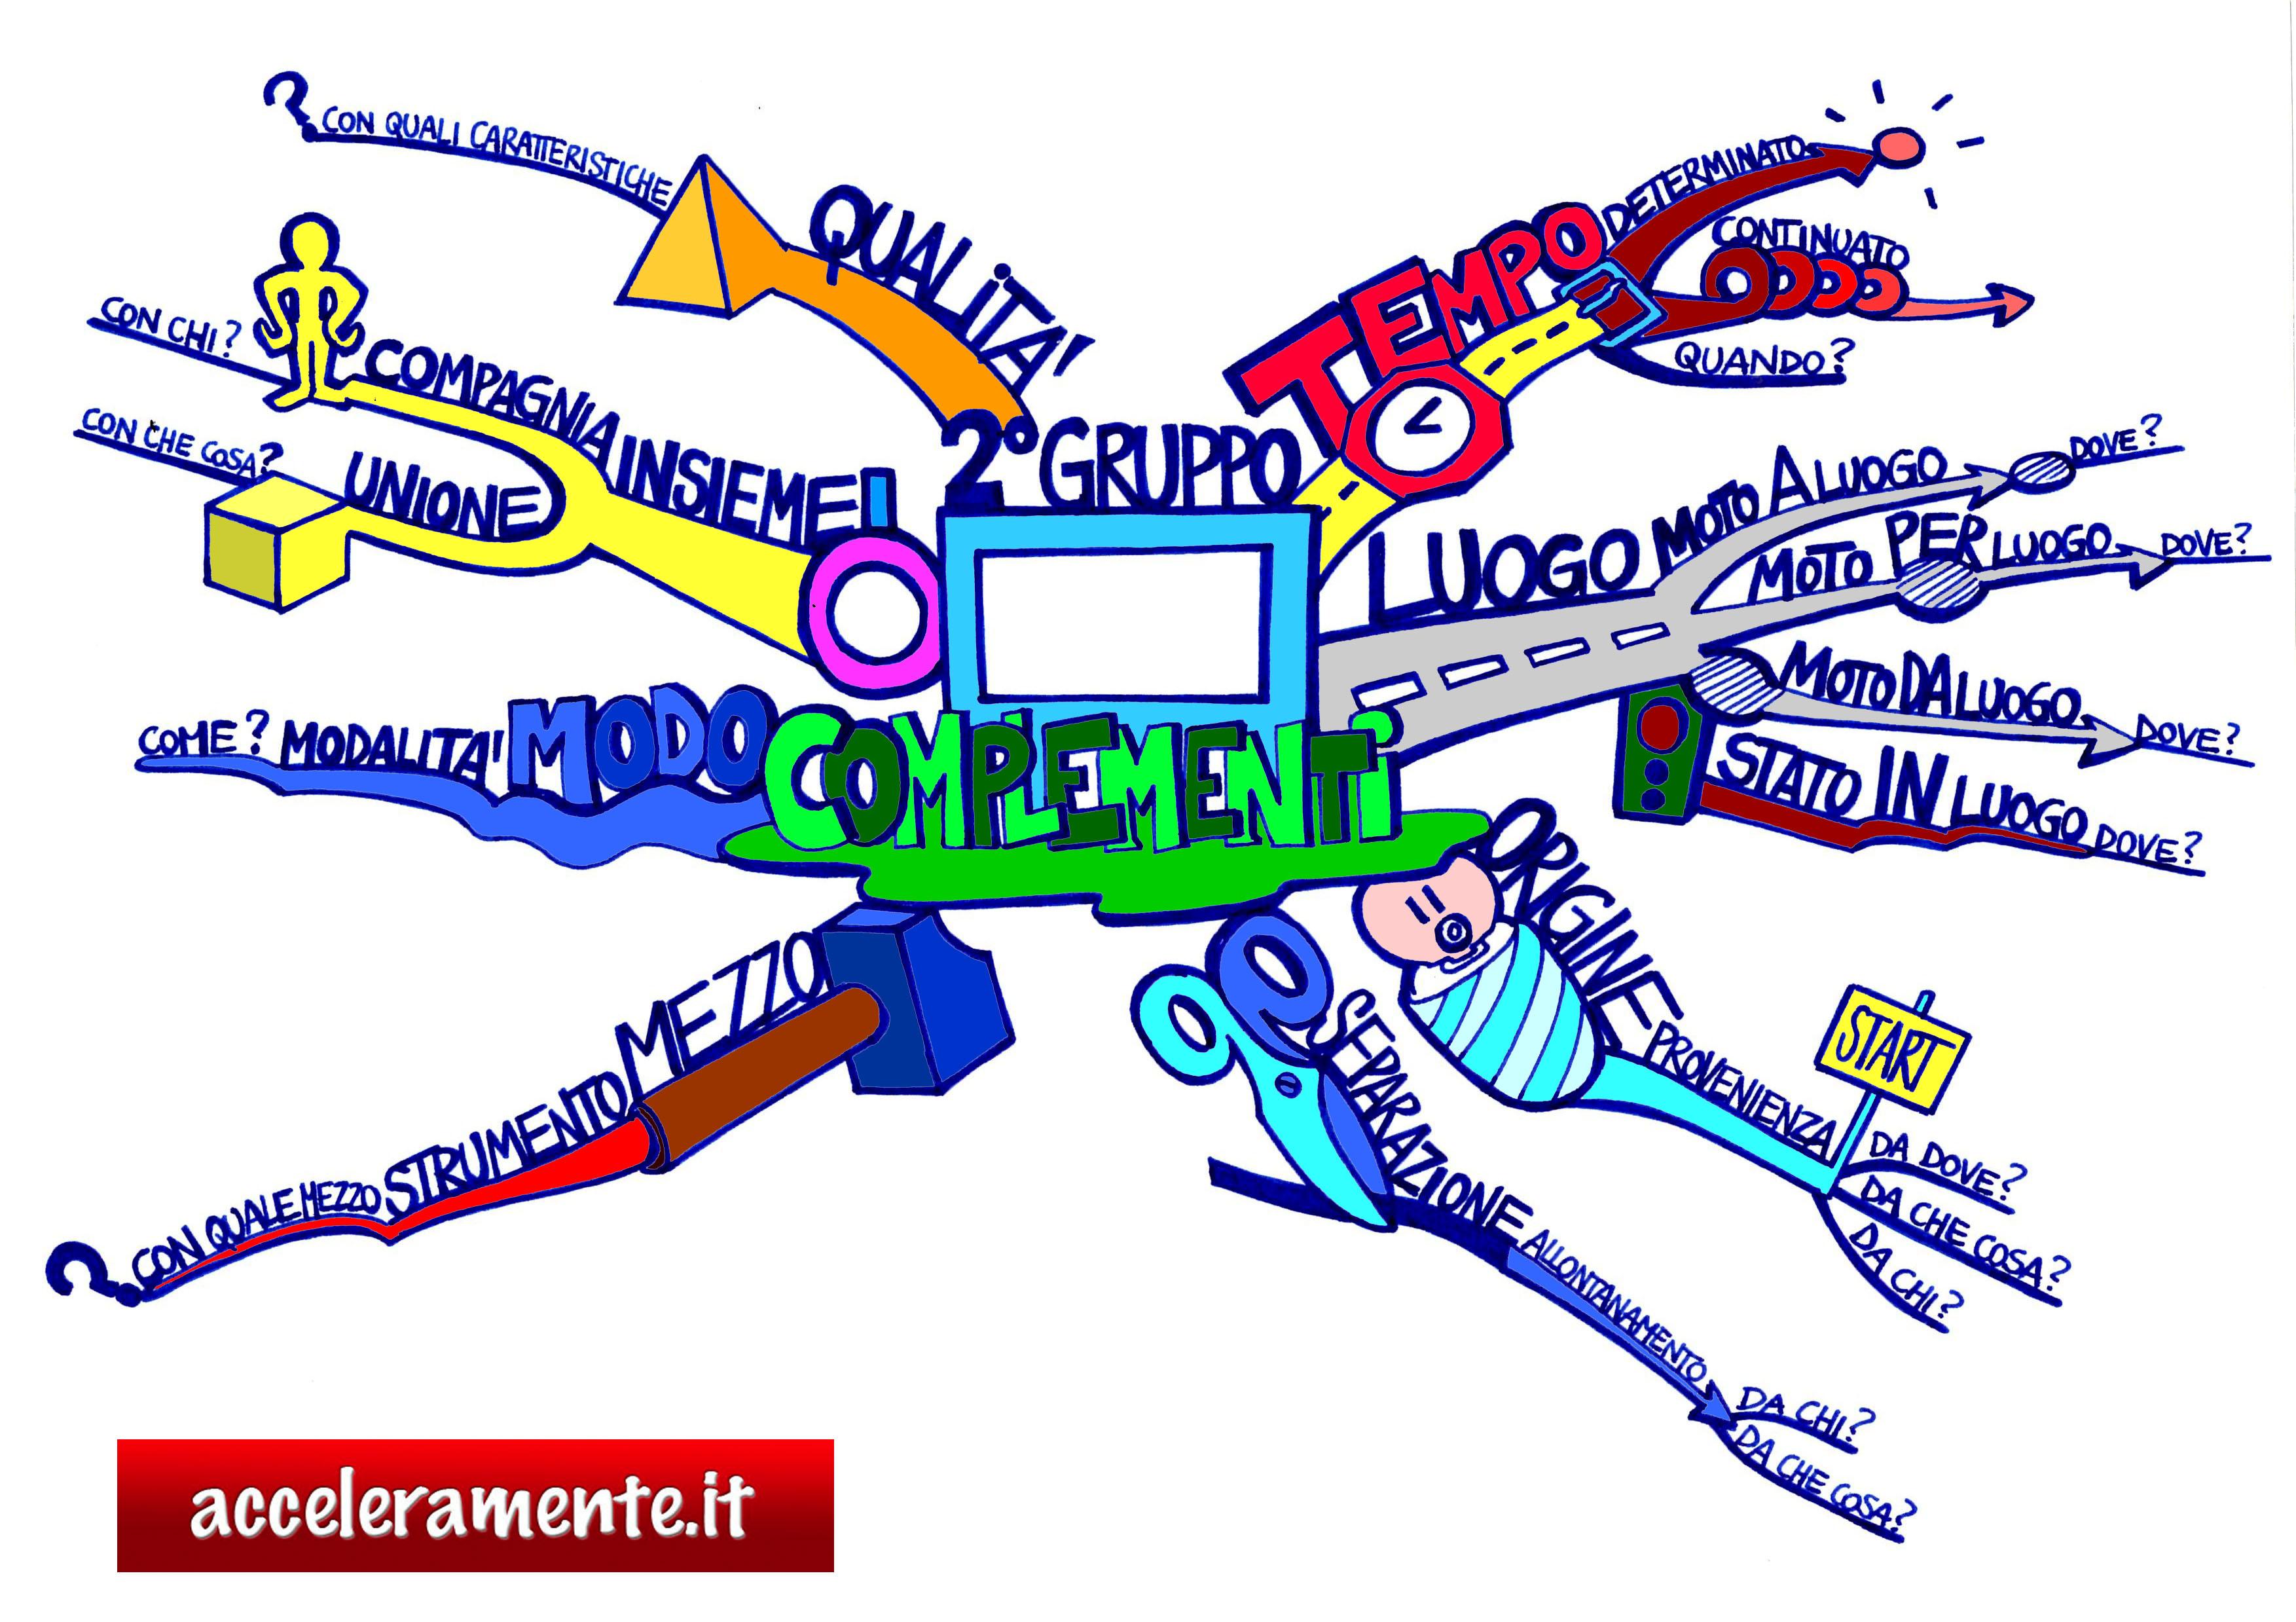 Grammatica  Diegocares Blog